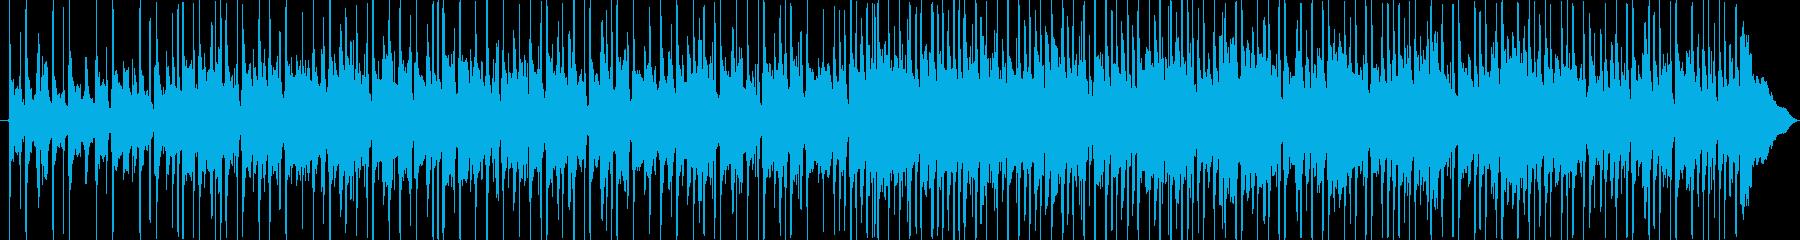 動画 アクション 技術的な 楽しげ...の再生済みの波形